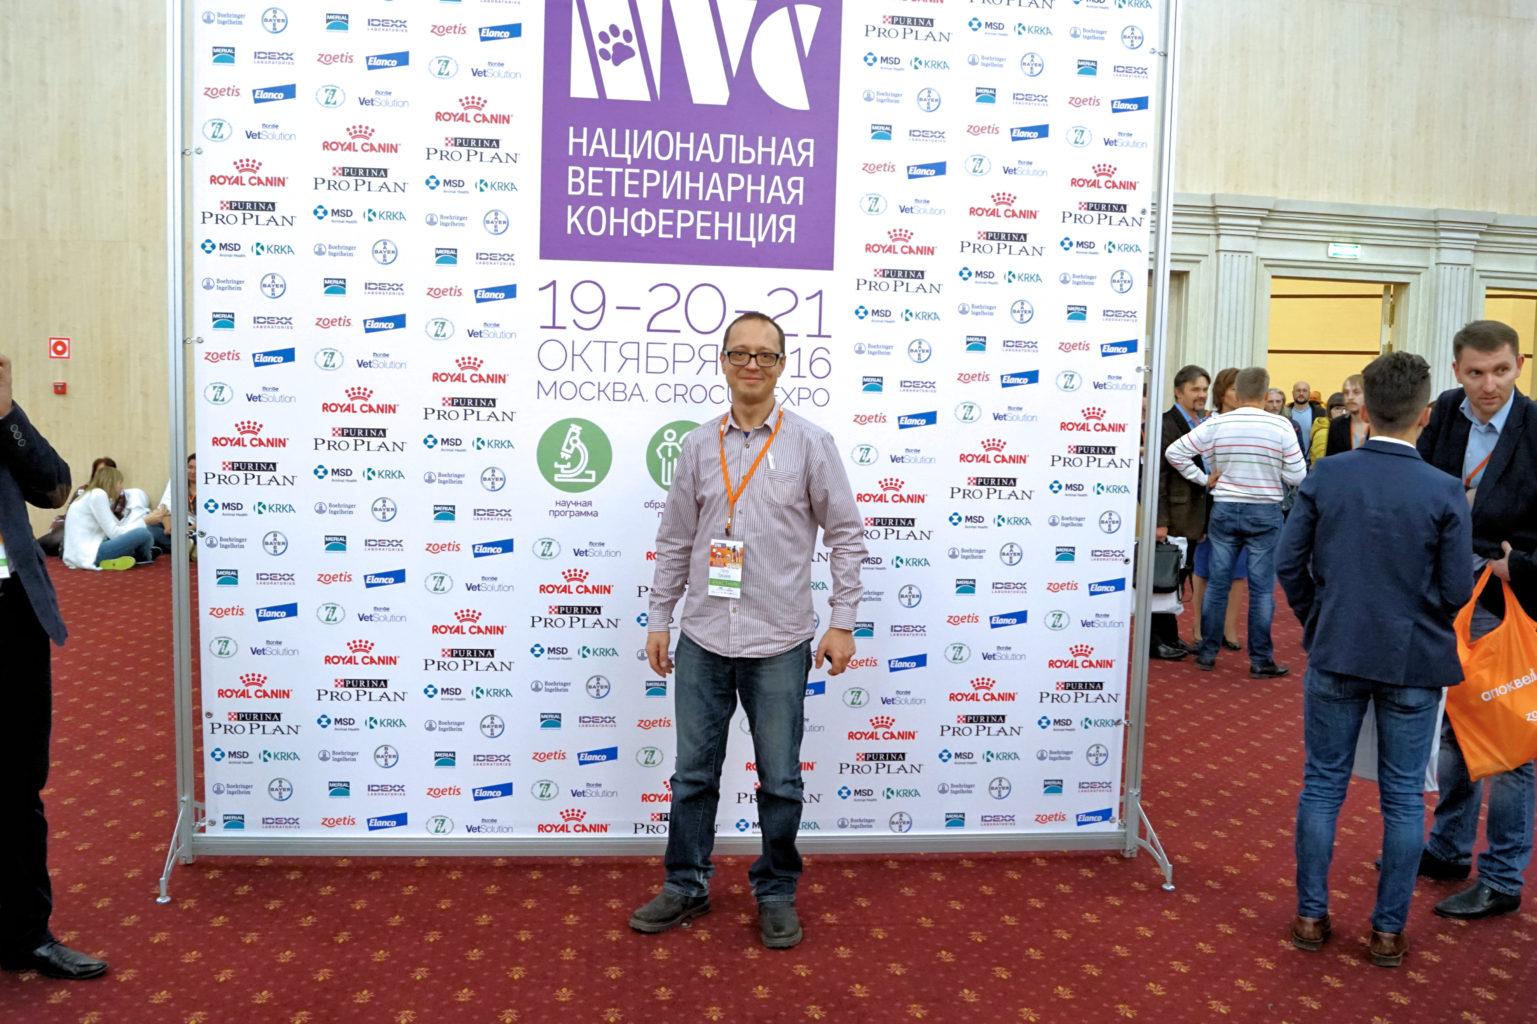 """Маркетолог """"Айболит Плюс"""" Пётр Евсеев. Национальная Ветеринарная Конференция NVC-2016."""